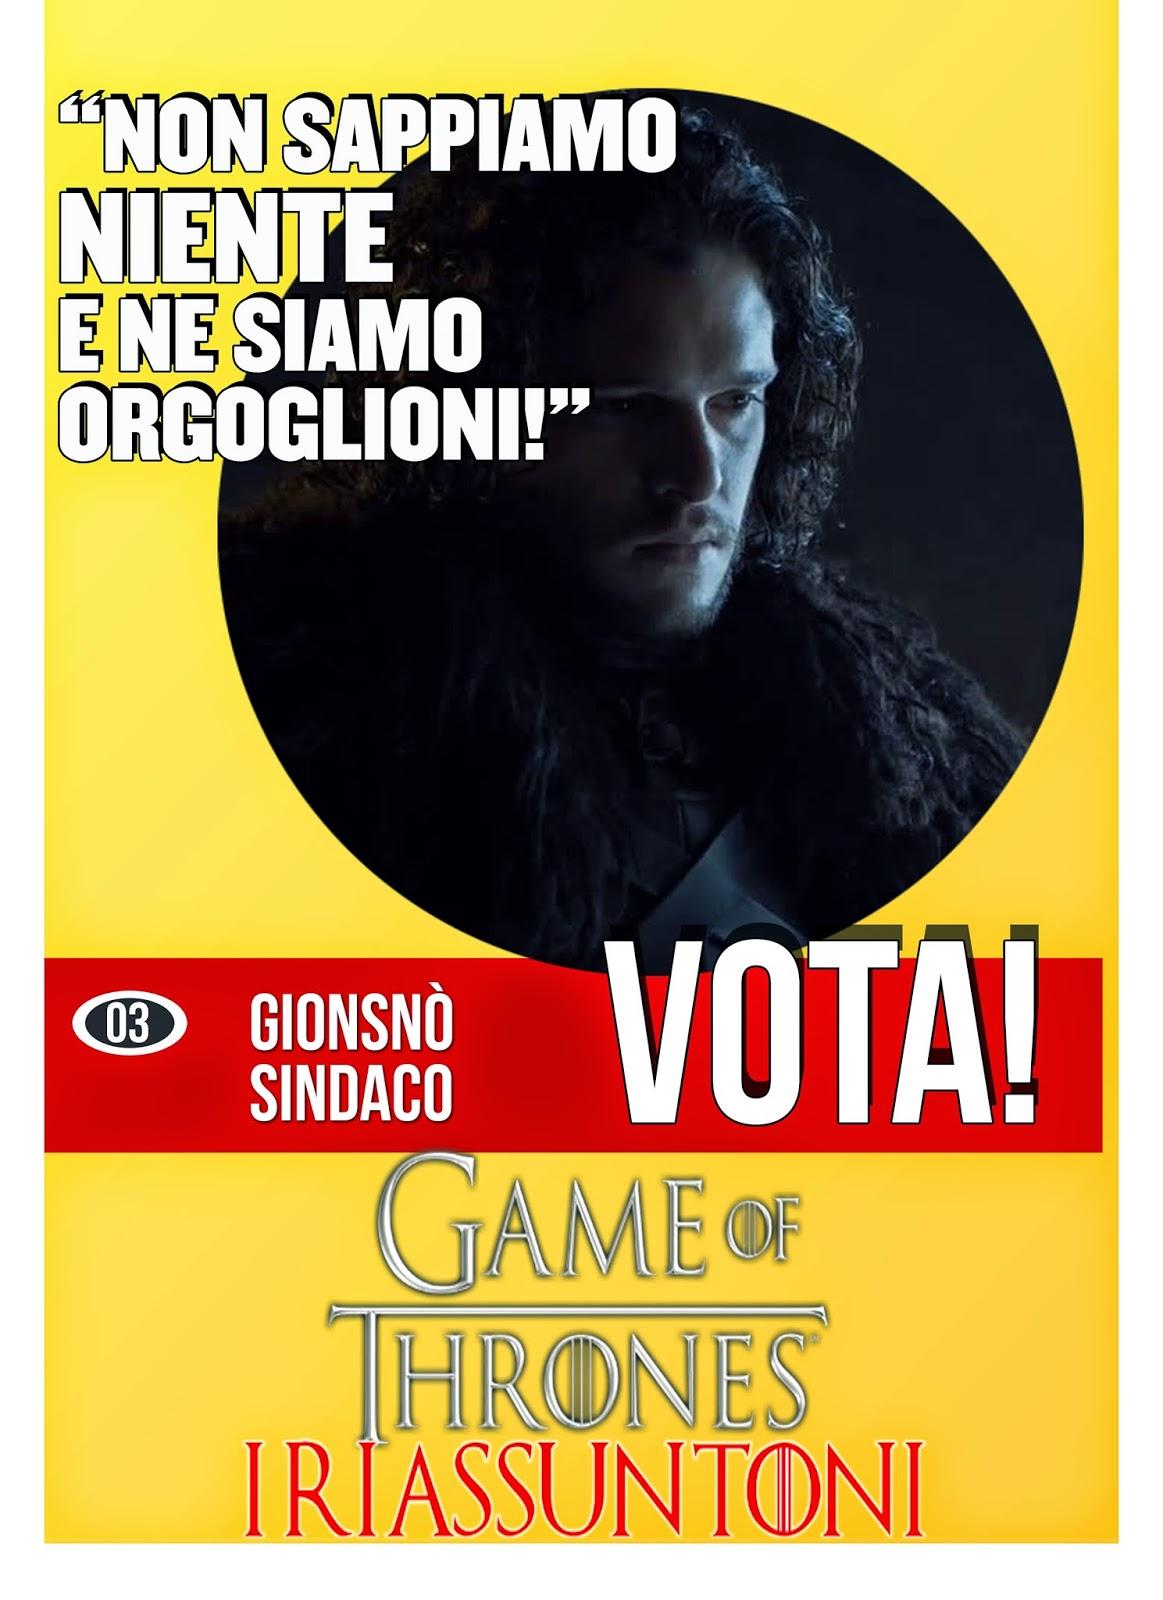 Game of Thrones riassuntoni S05E02